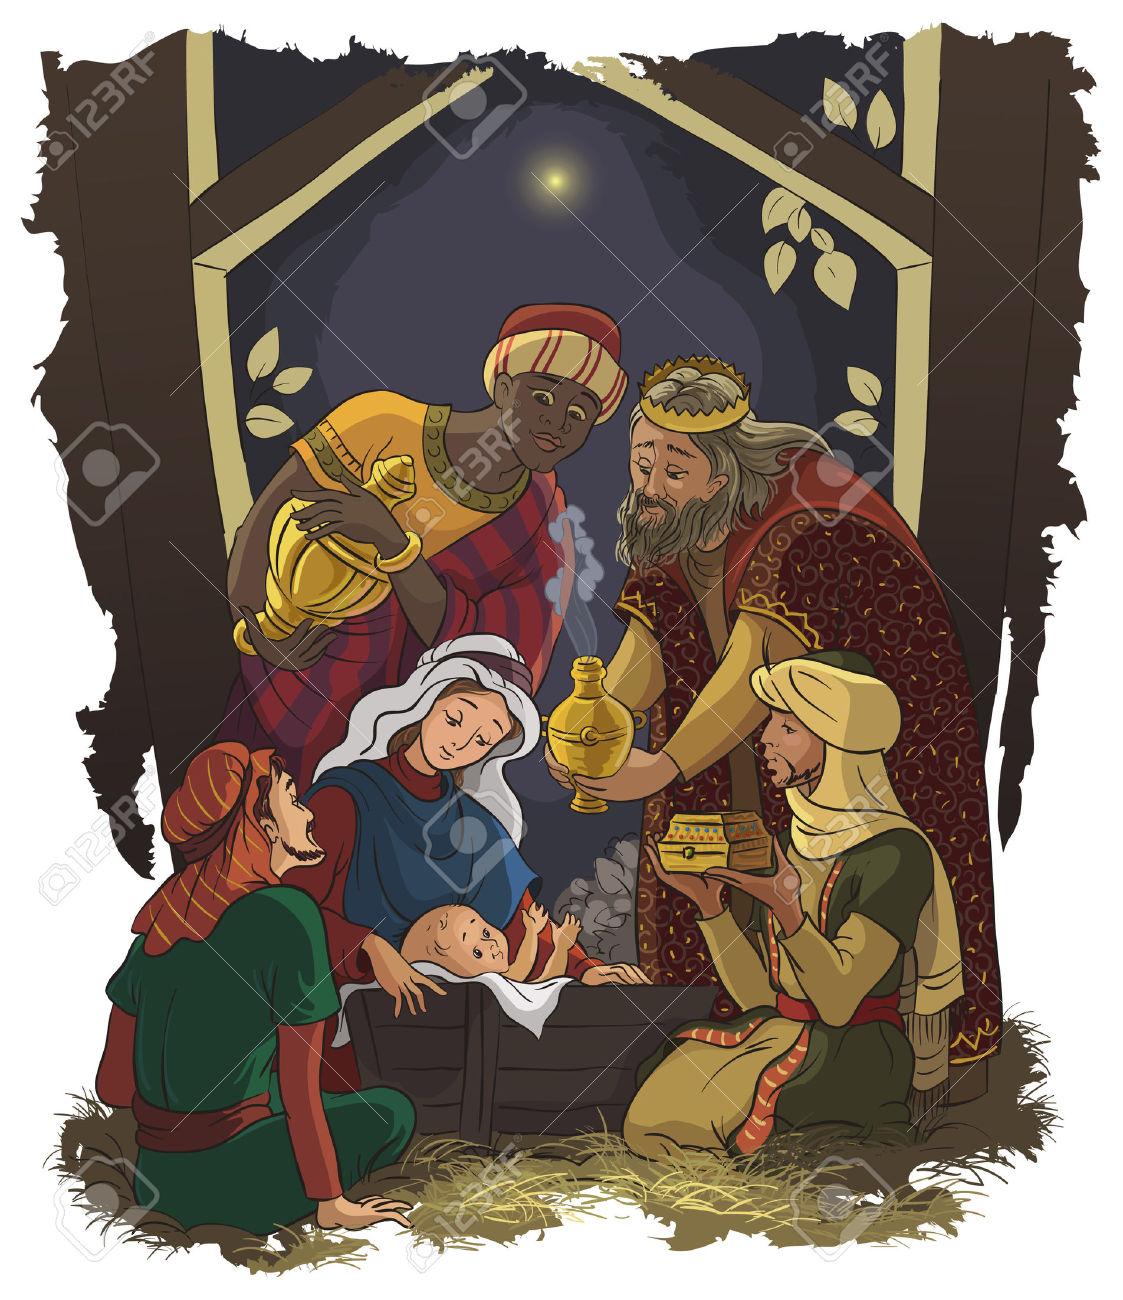 Jesus mary joseph christmas clipart image royalty free stock 1,442 Jesus Mary Joseph Stock Illustrations, Cliparts And Royalty ... image royalty free stock